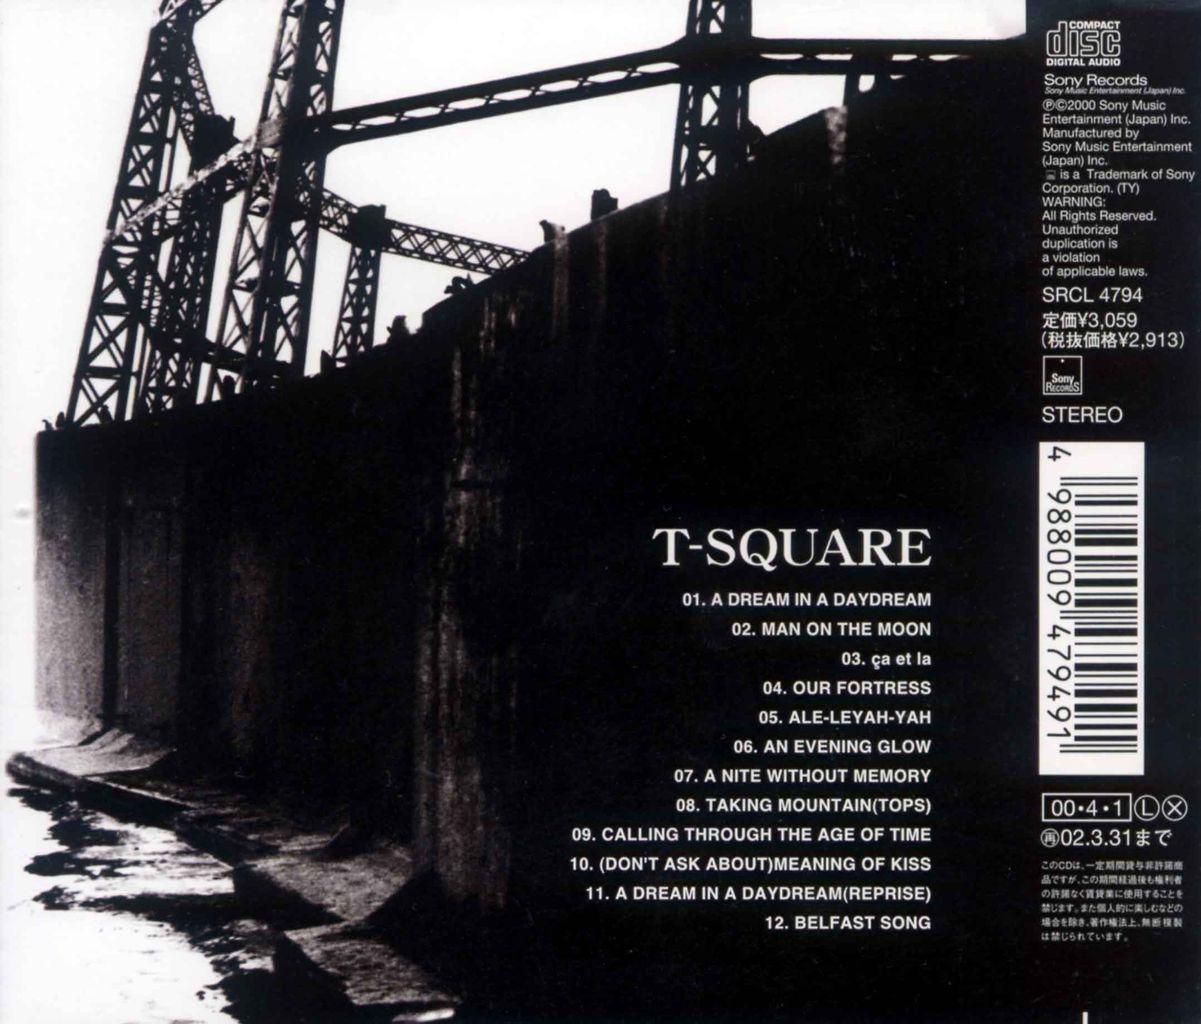 T-SQUARE-2